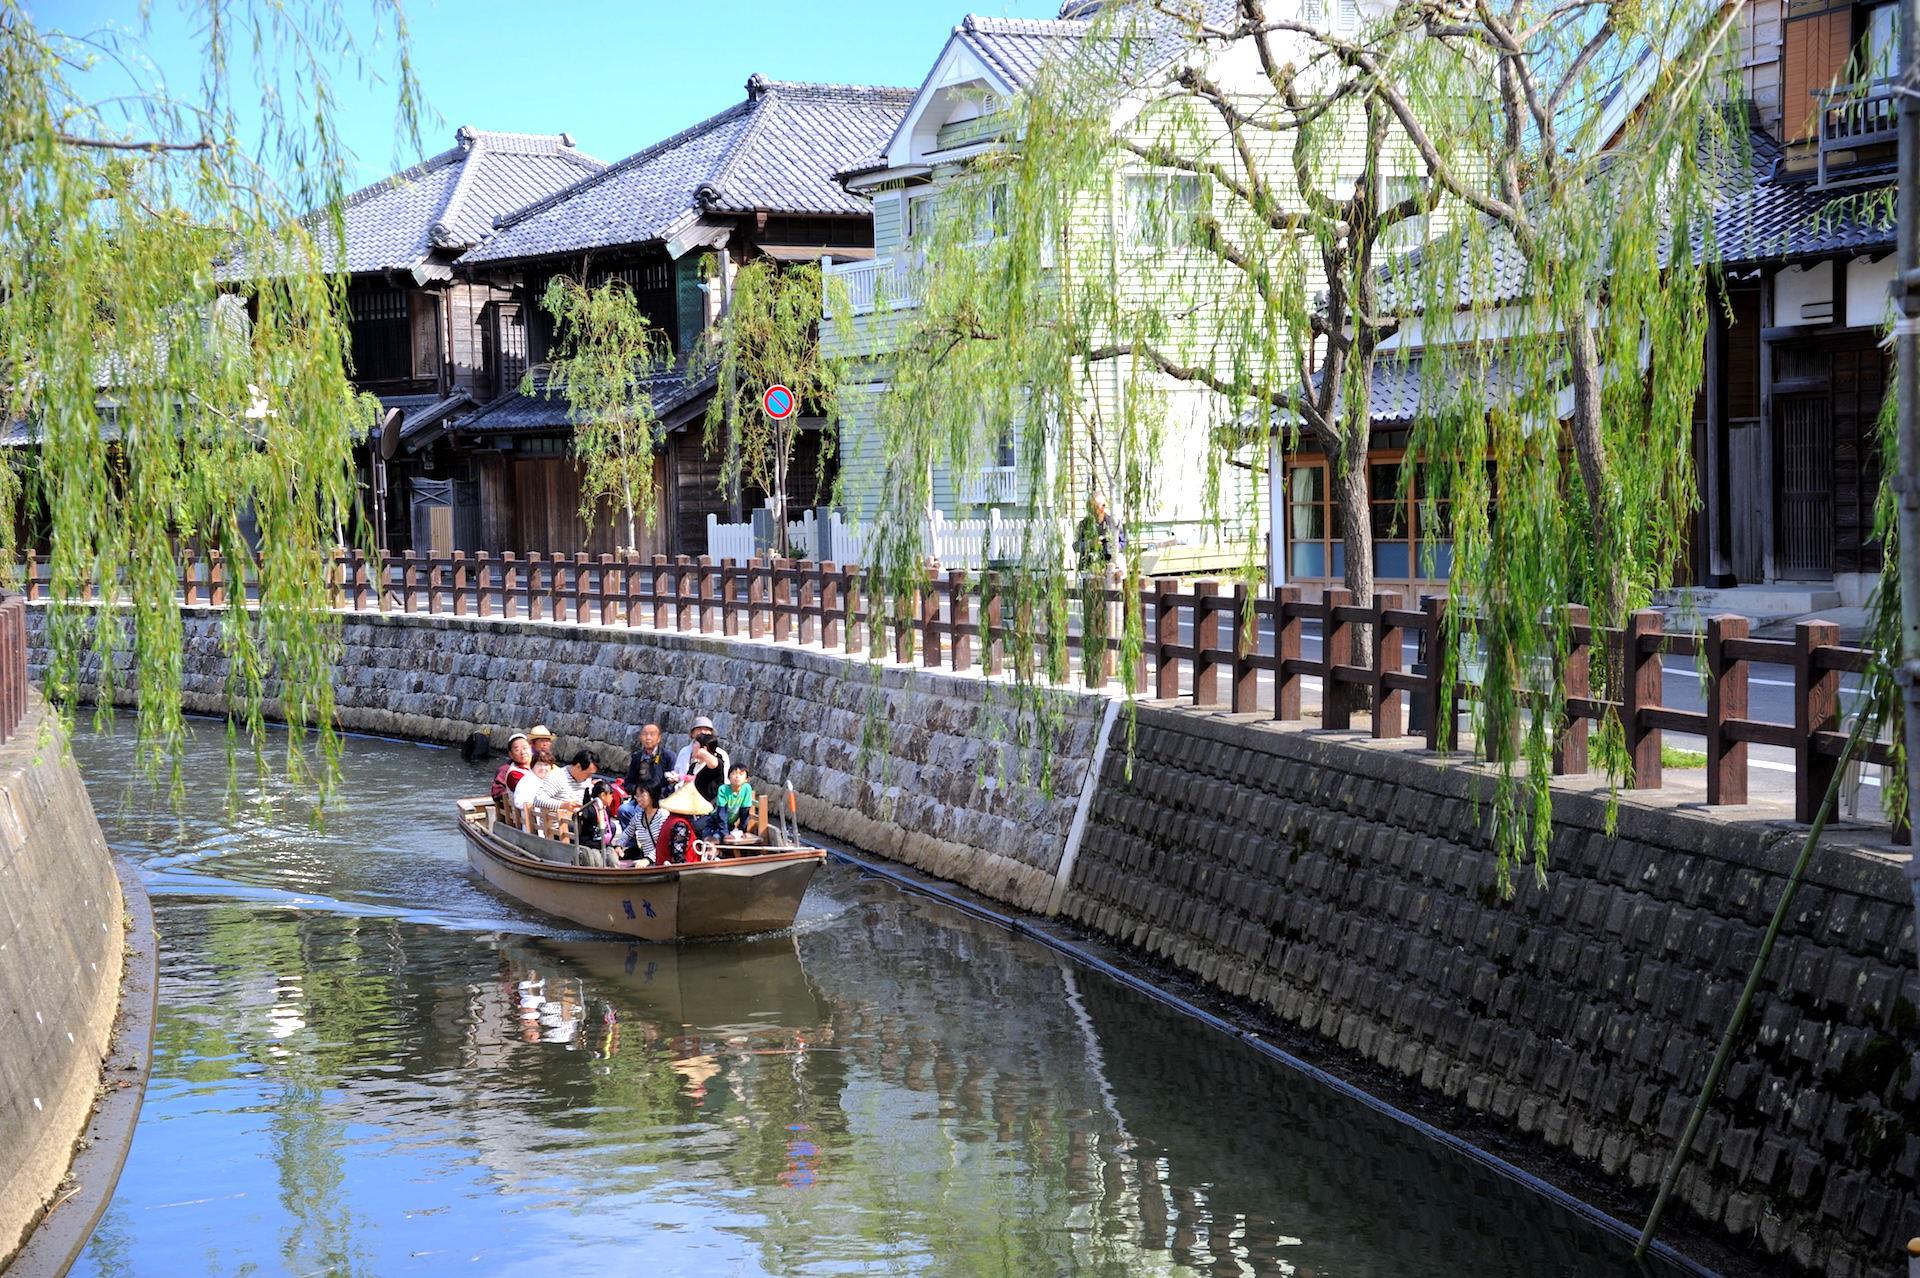 珍酒_佐原の町並み(香取市佐原伝統的建造物群保存地区)